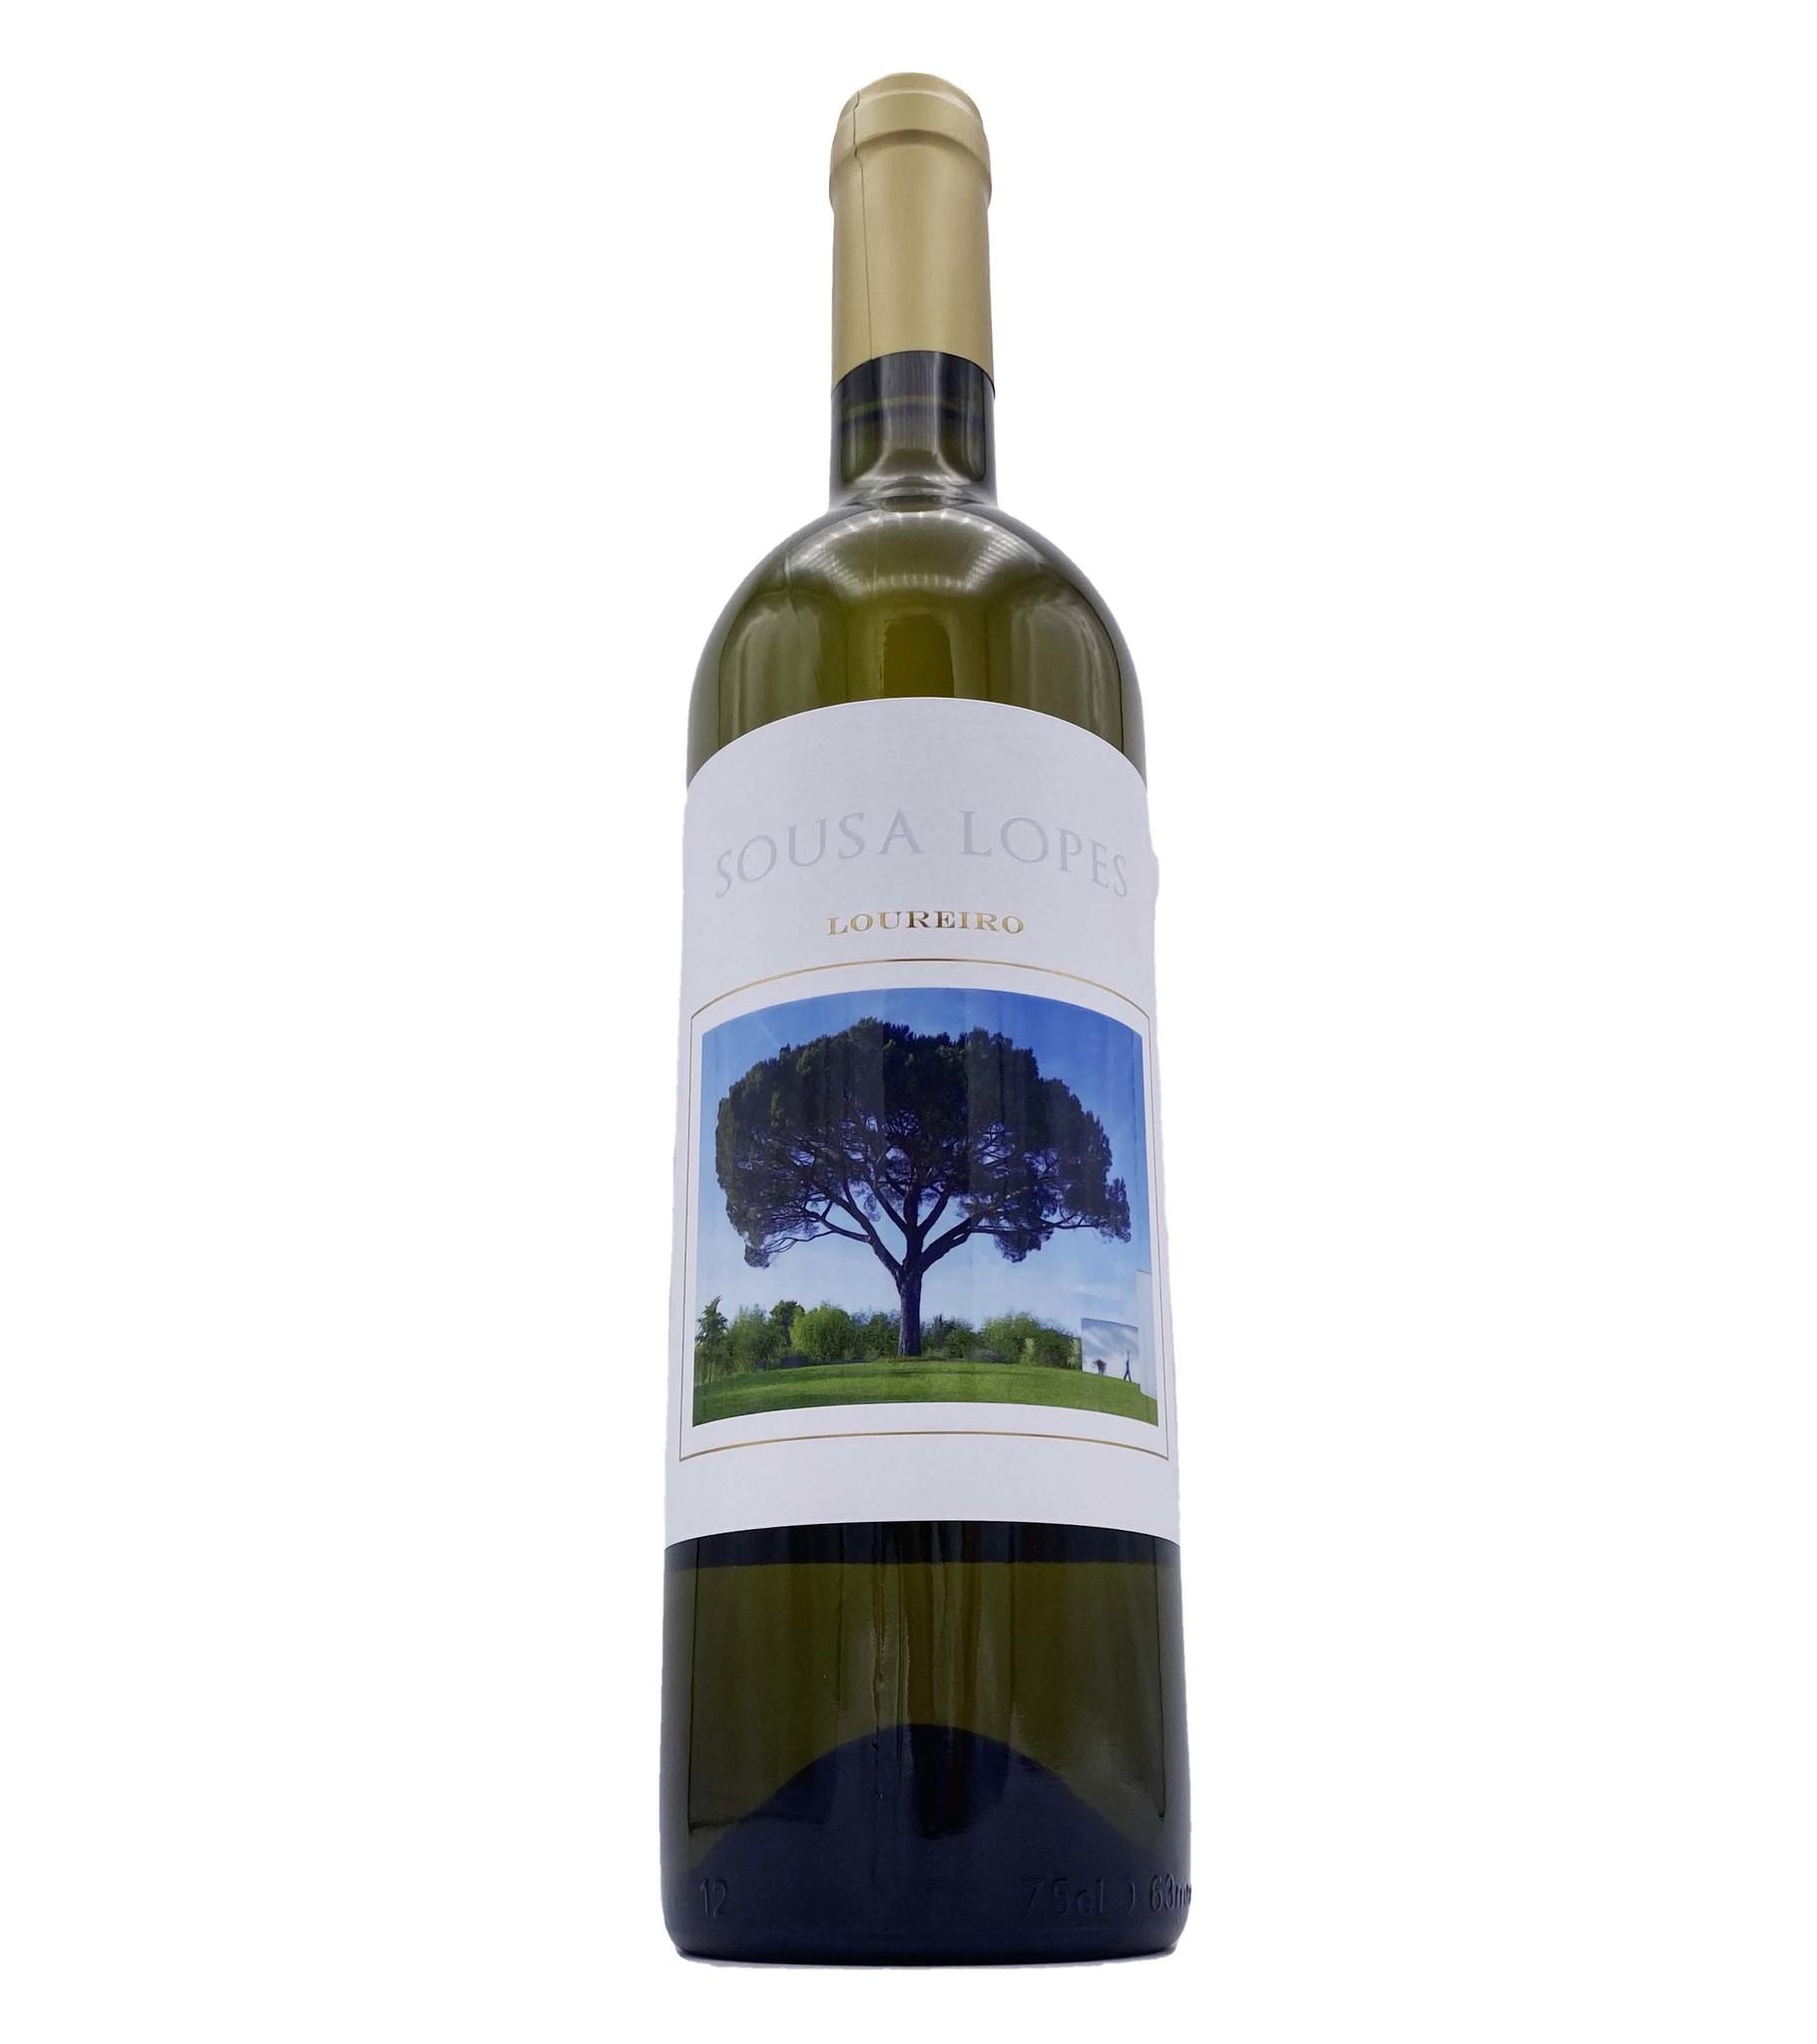 Vinho Verde Loureiro 2019 Sousa Lopes